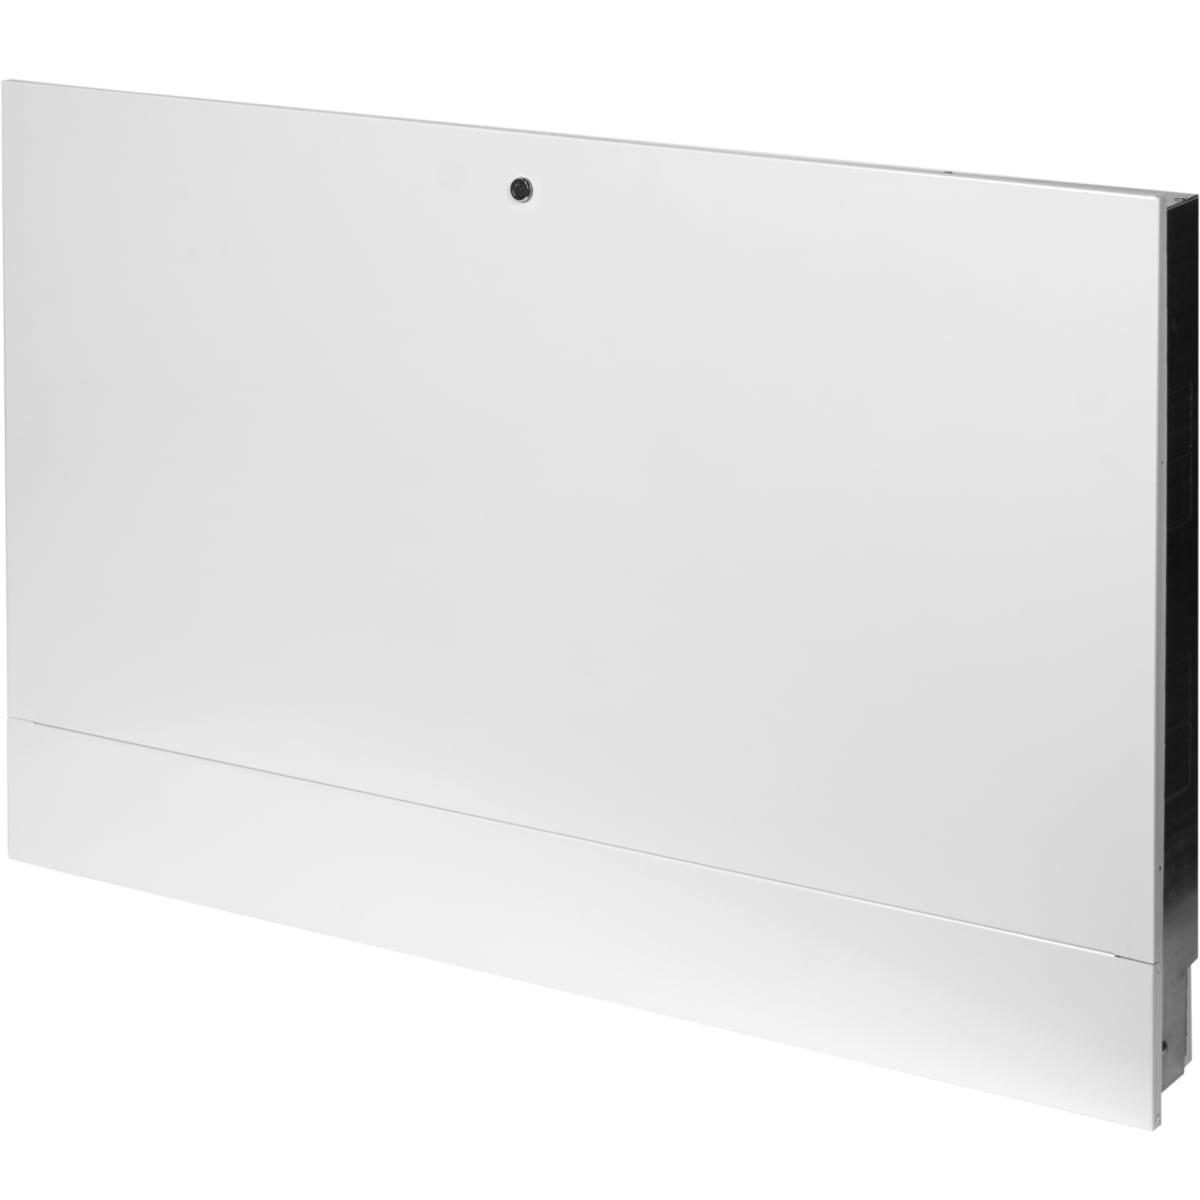 Шкаф коллекторный ШРВ-5 встраиваемый 1000х120-180х648-711 мм